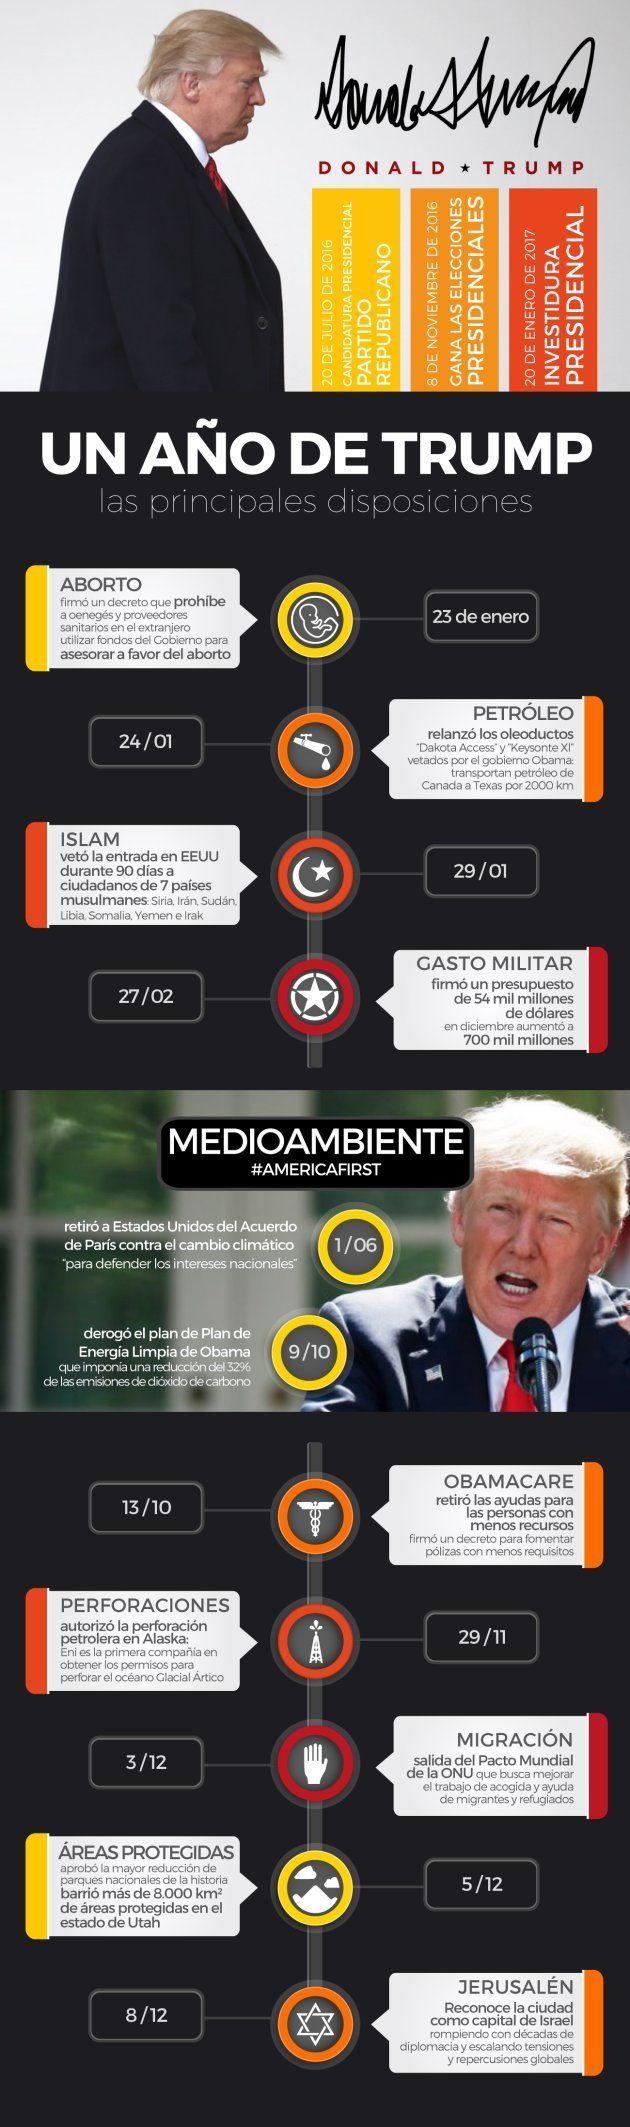 Cronología del primer año de Trump, día a